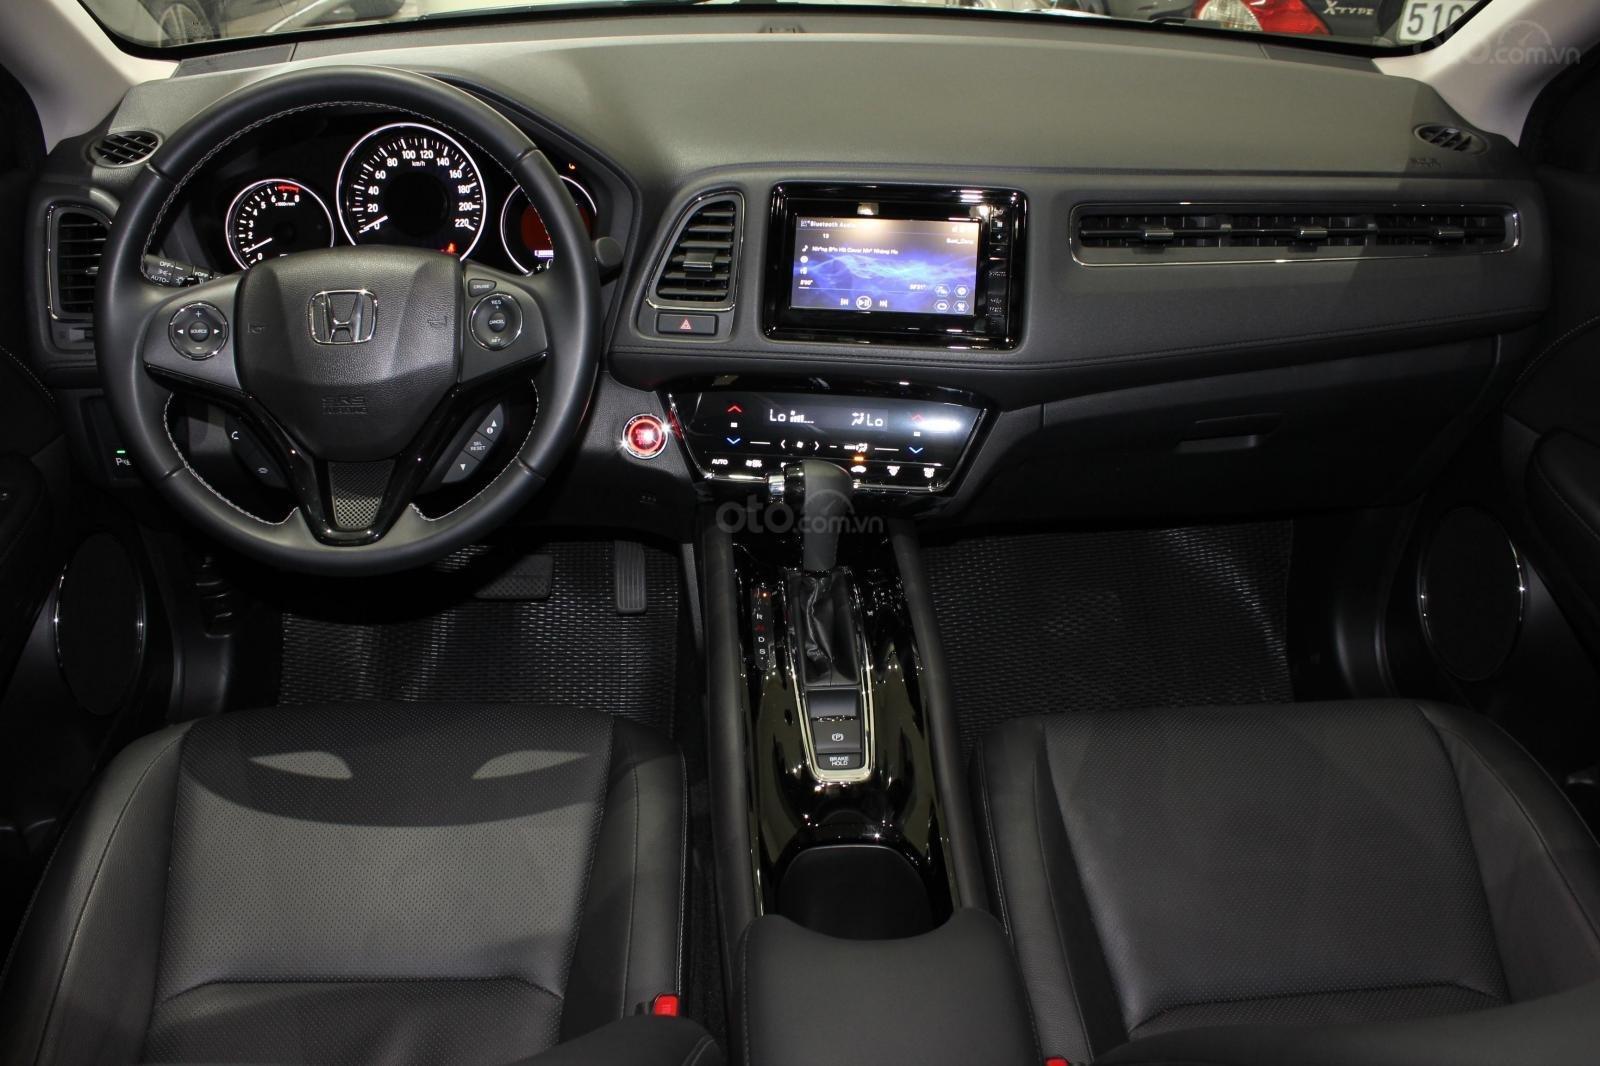 Cần bán xe Honda HR-V bản L 1.8AT SX 2018, màu đen, nhập Thái, siêu lướt 1300km, biển SG (7)